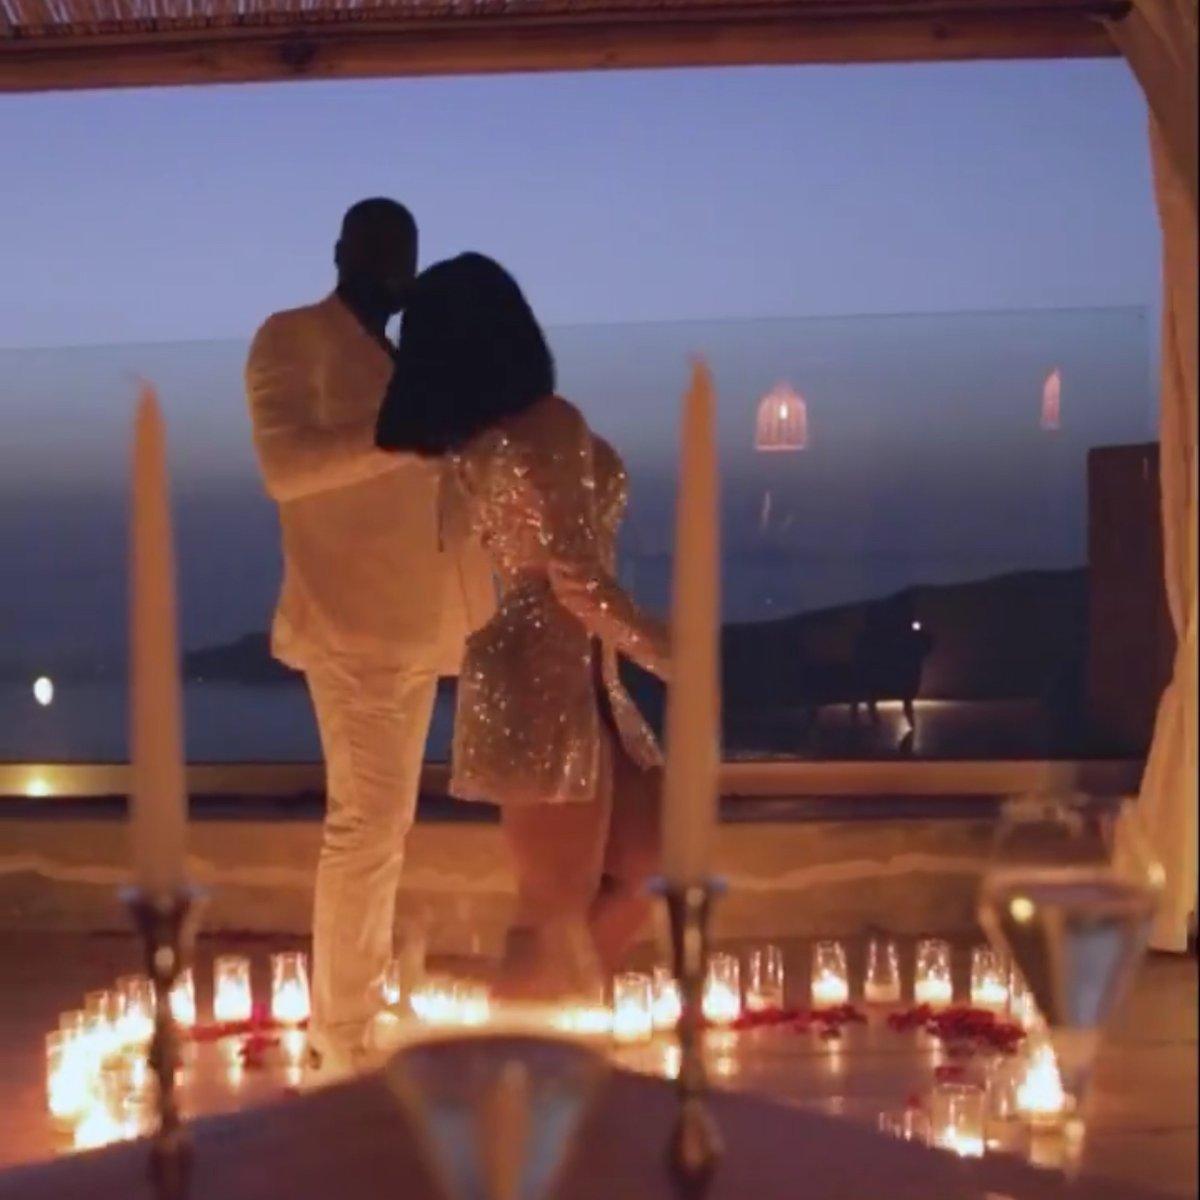 LUXE PROPOSAL: @jackieaina  . . . . . #lifestyle #lafw #nyfw #luxekurves #luxewedding #wedding #weddingvibes #women #blackbride #bridesmaid #nyfwpic.twitter.com/sMMMGXmoab